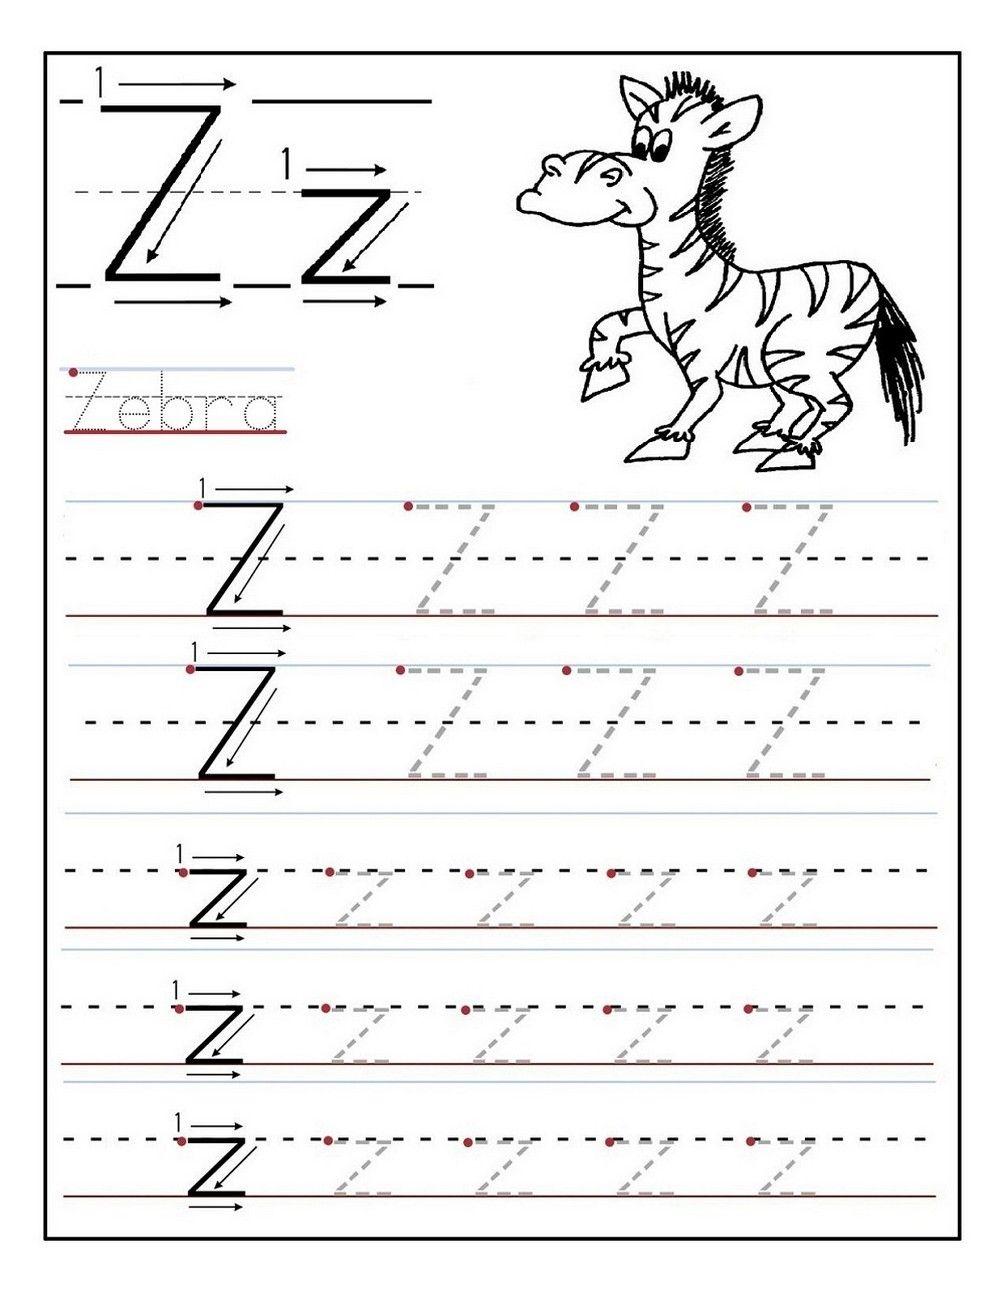 Kindergarten Letter Tracing Worksheets | Letter Tracing regarding Letter U Tracing Page